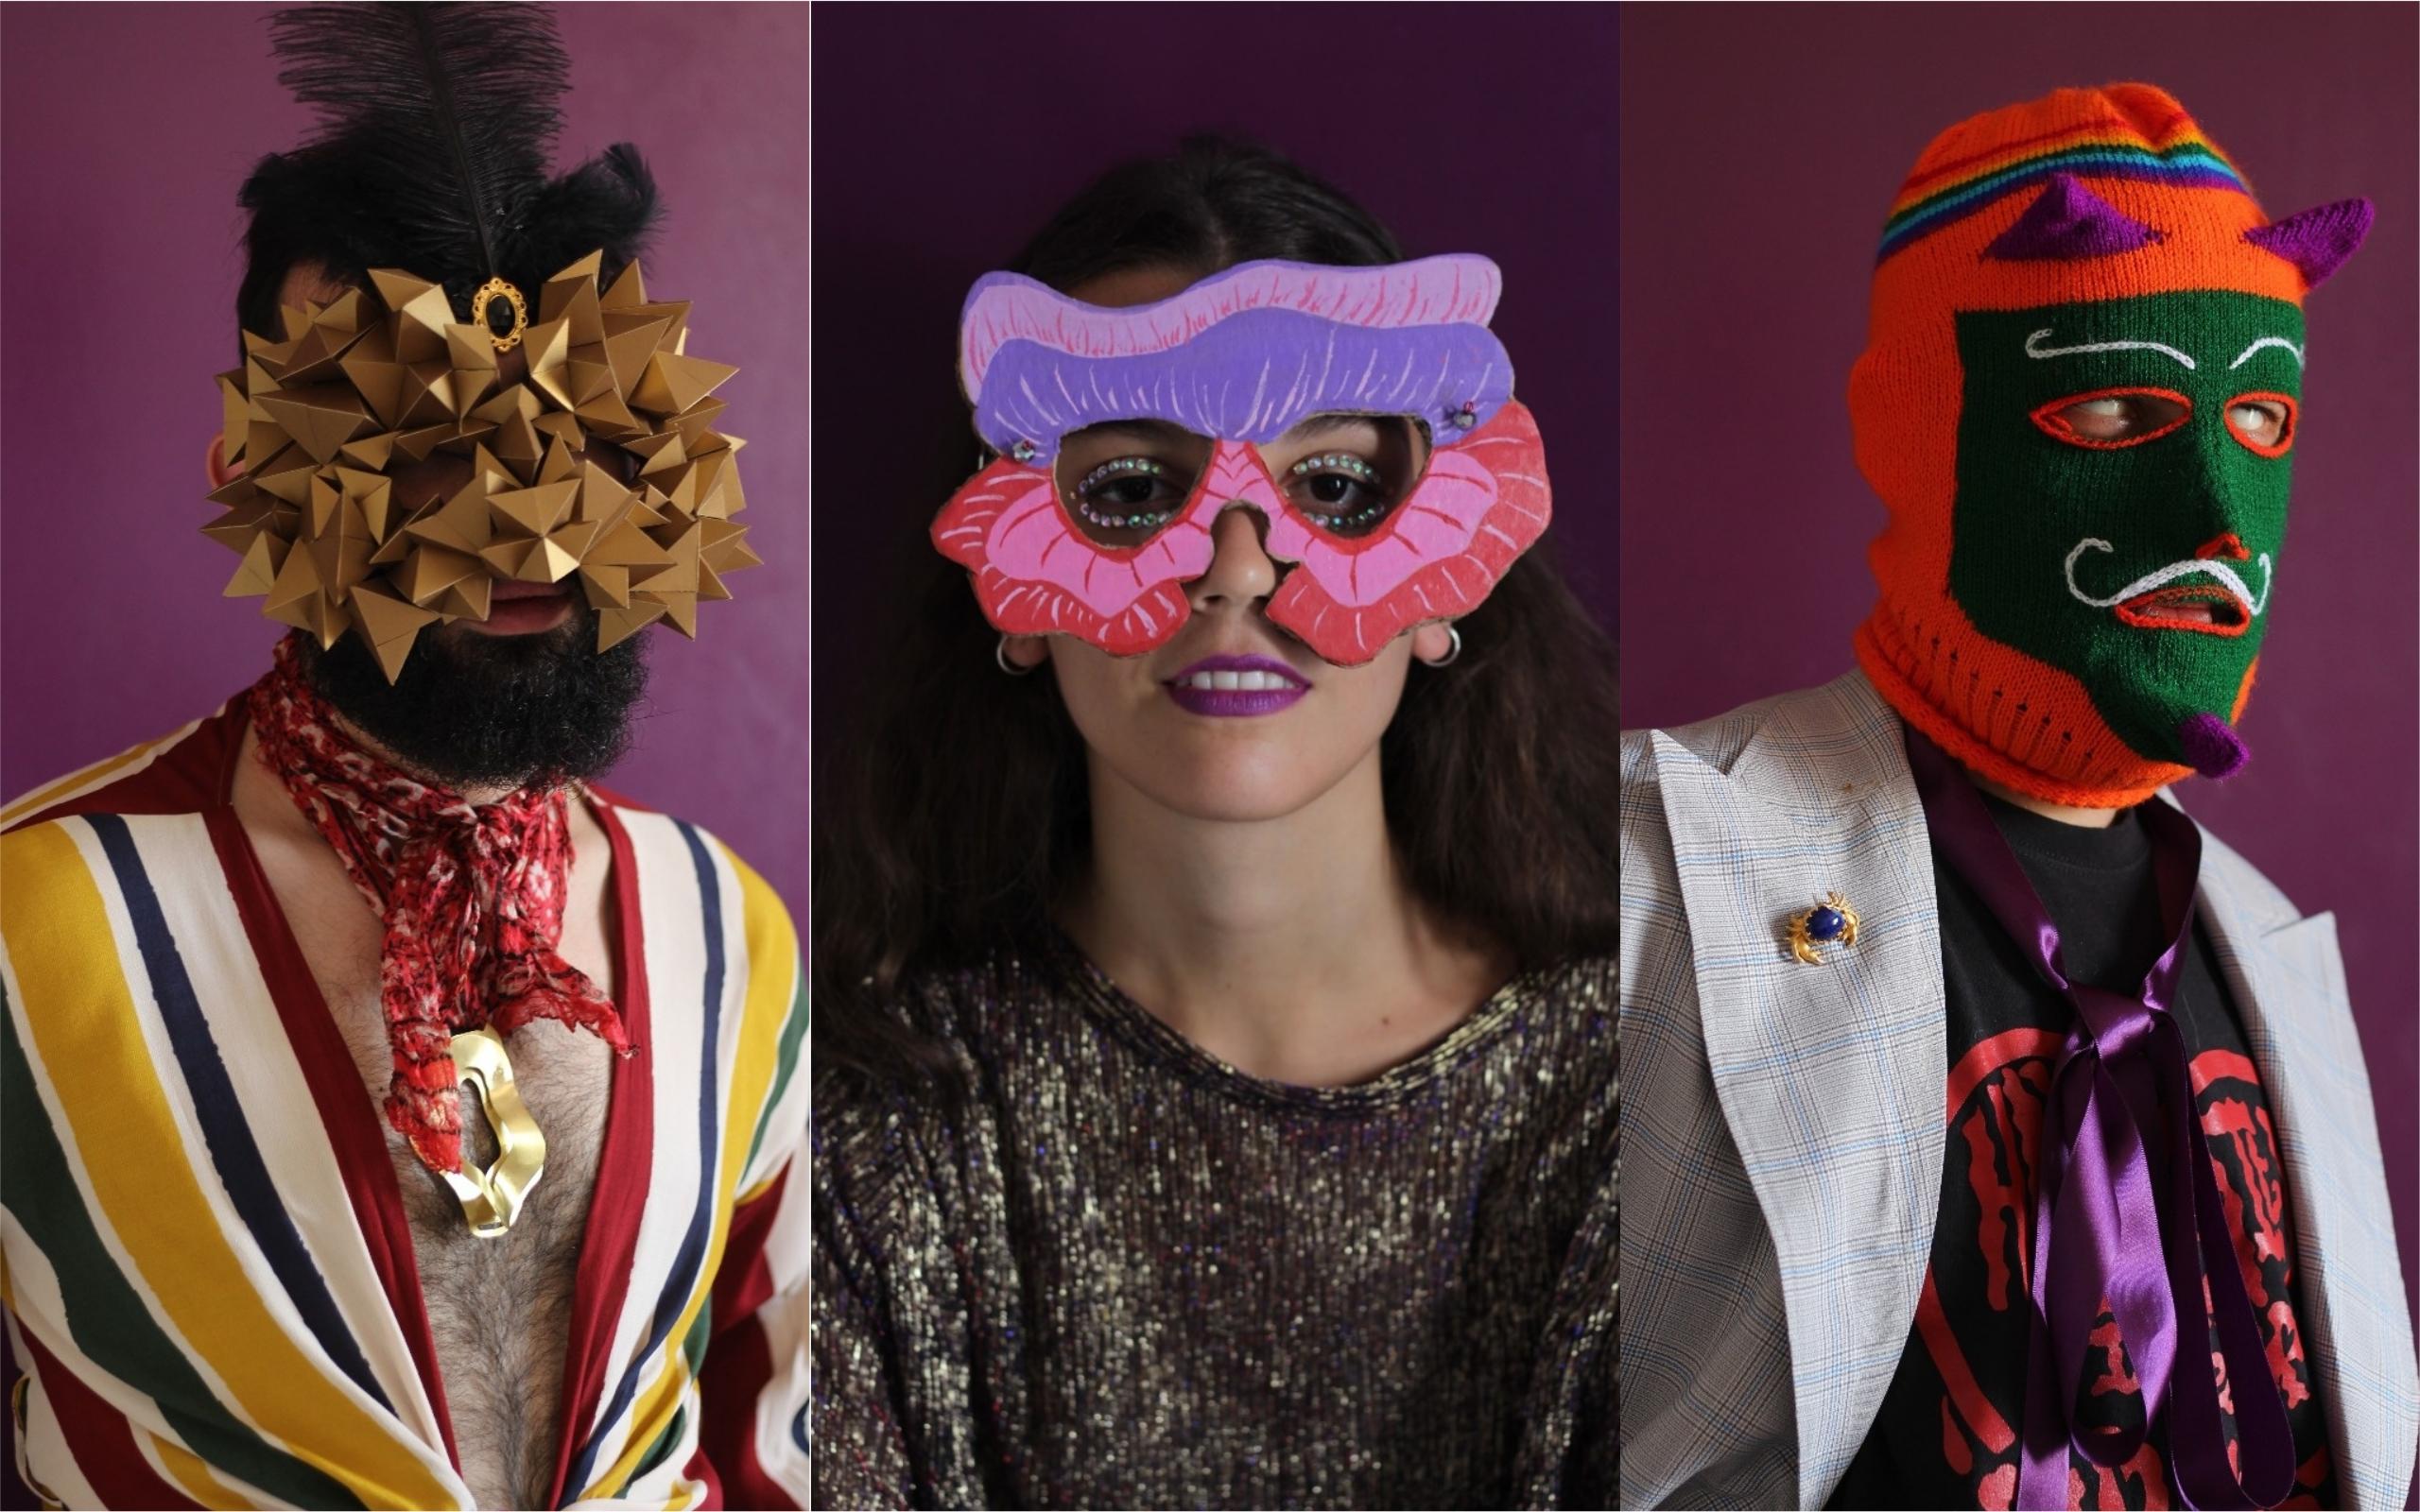 Inspirada no Carnaval, exposição 'Bailinho' chega ao Lowbrow nesta quarta-feira (13)